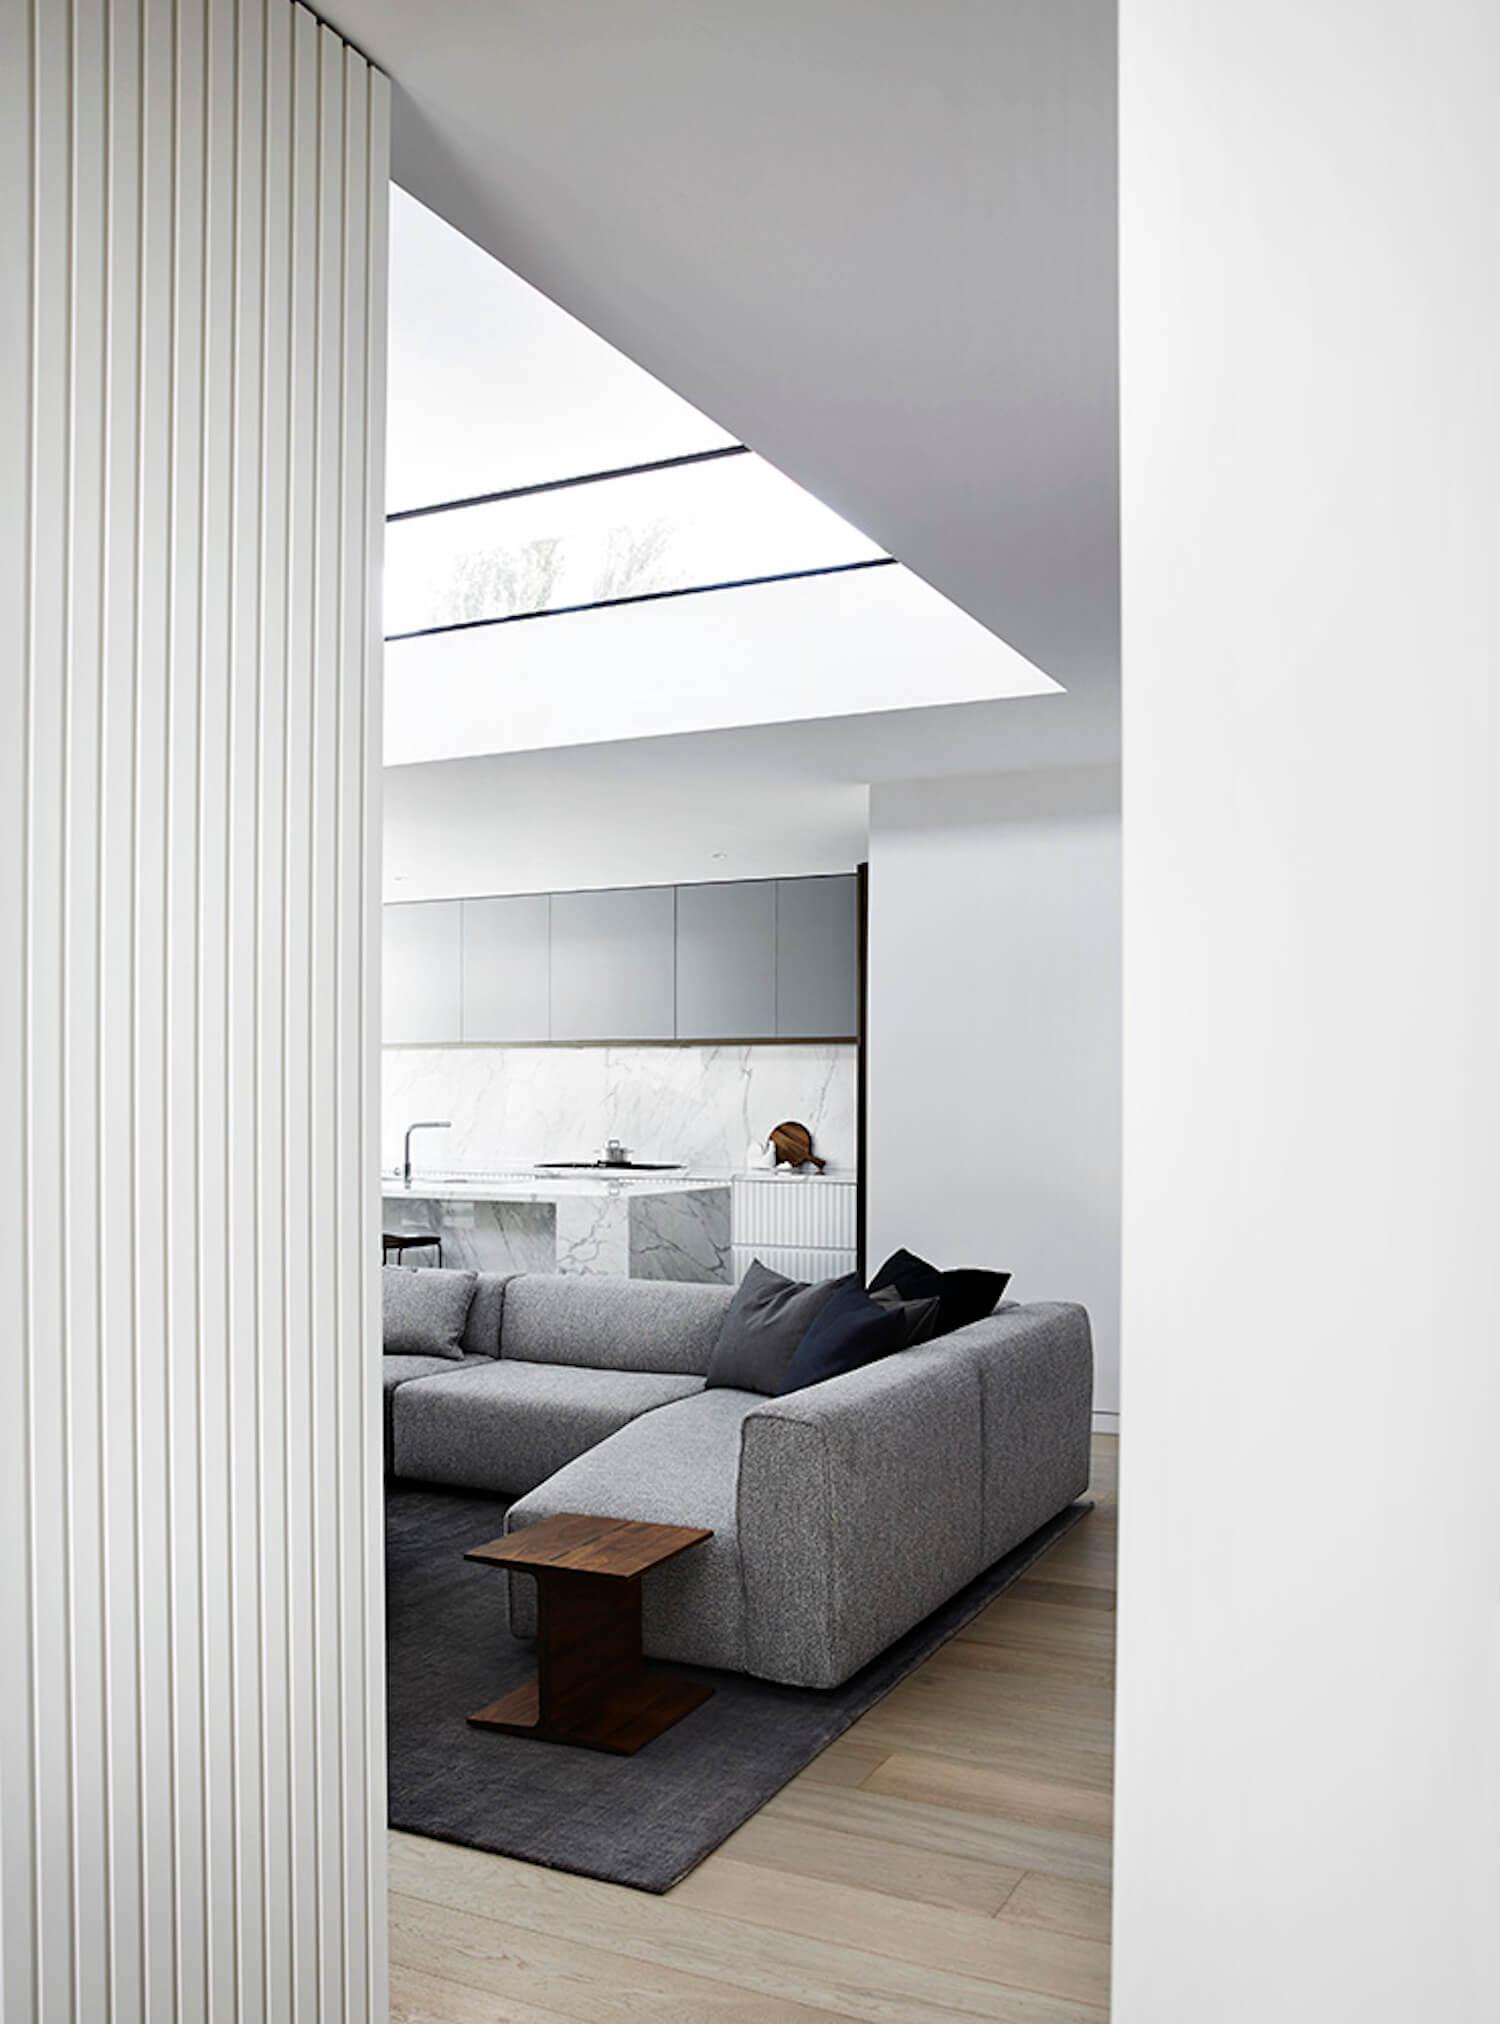 est living mim design caulfield home sharyn cairns 8